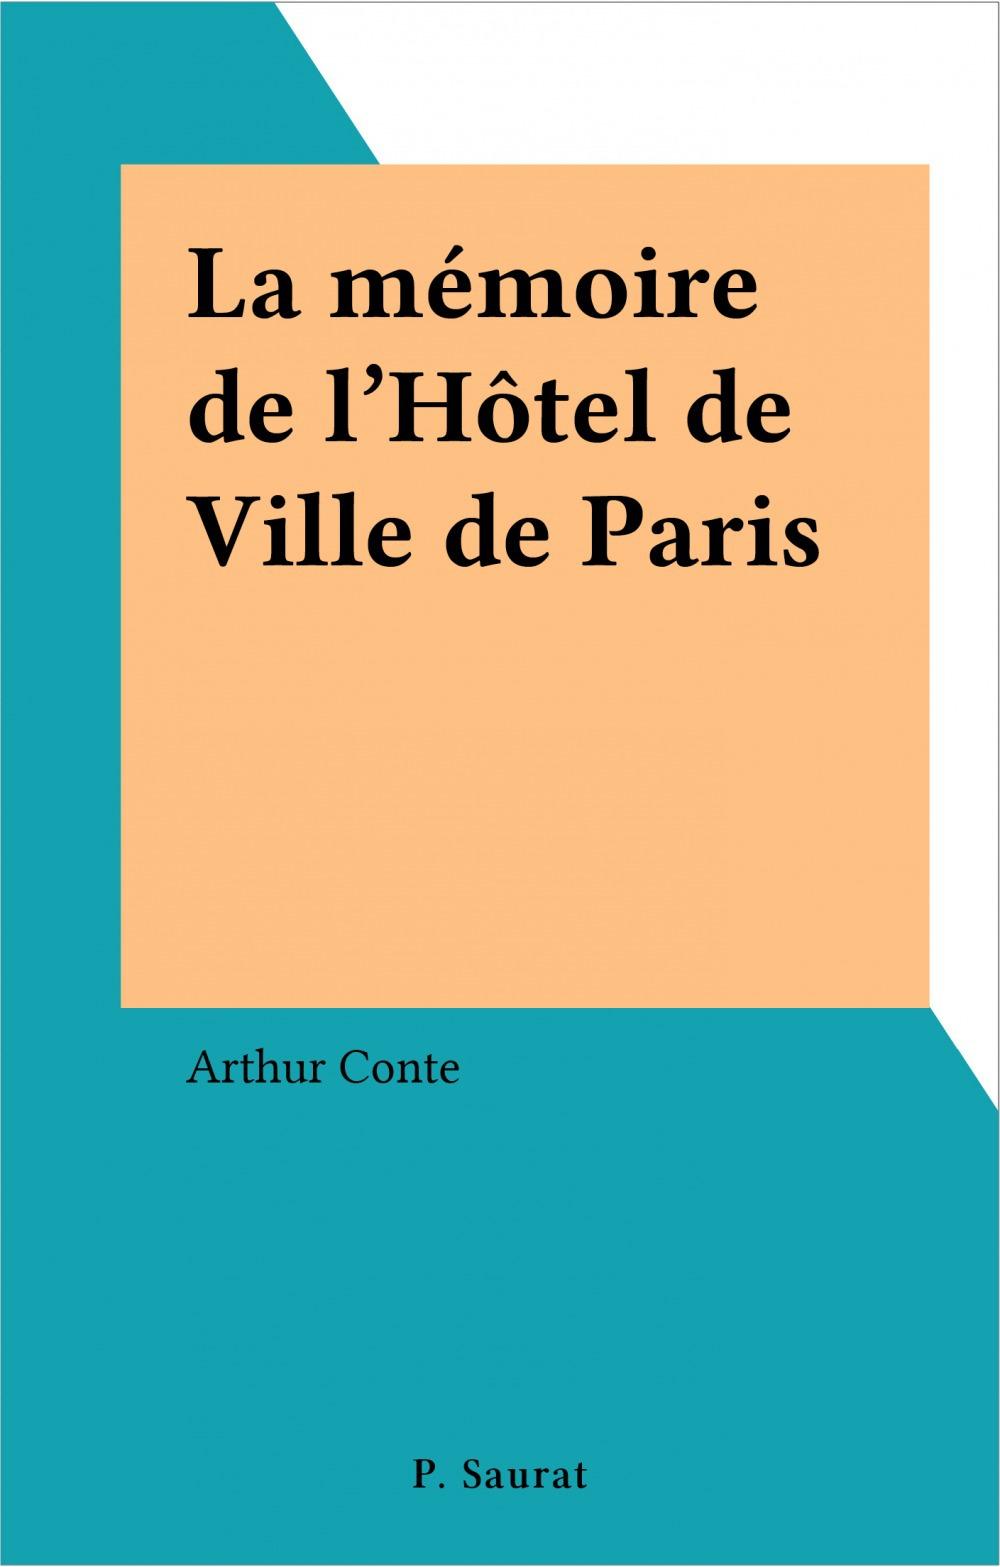 La mémoire de l'Hôtel de Ville de Paris